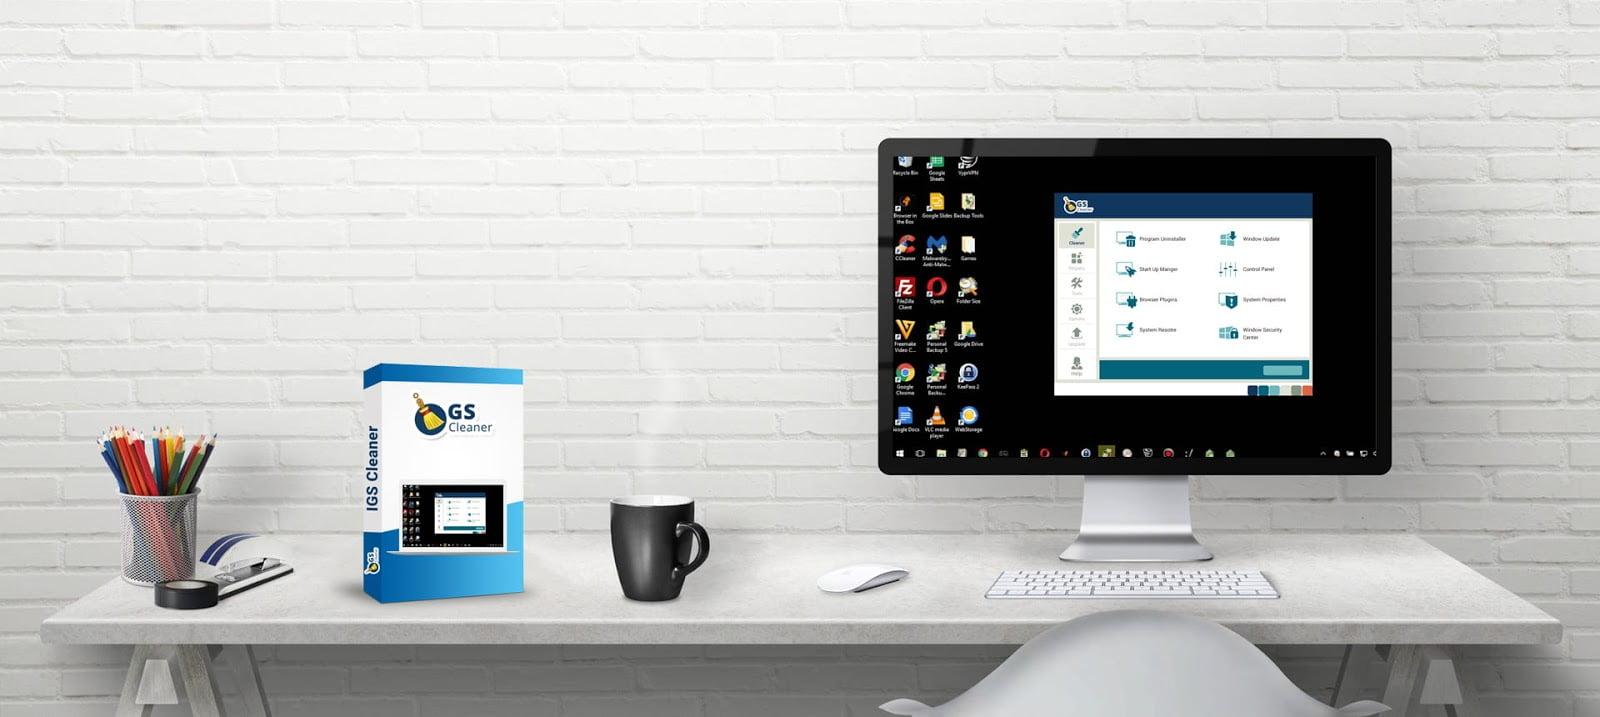 Meilleures applications de nettoyage de PC pour Windows 10 (2021) - Windows